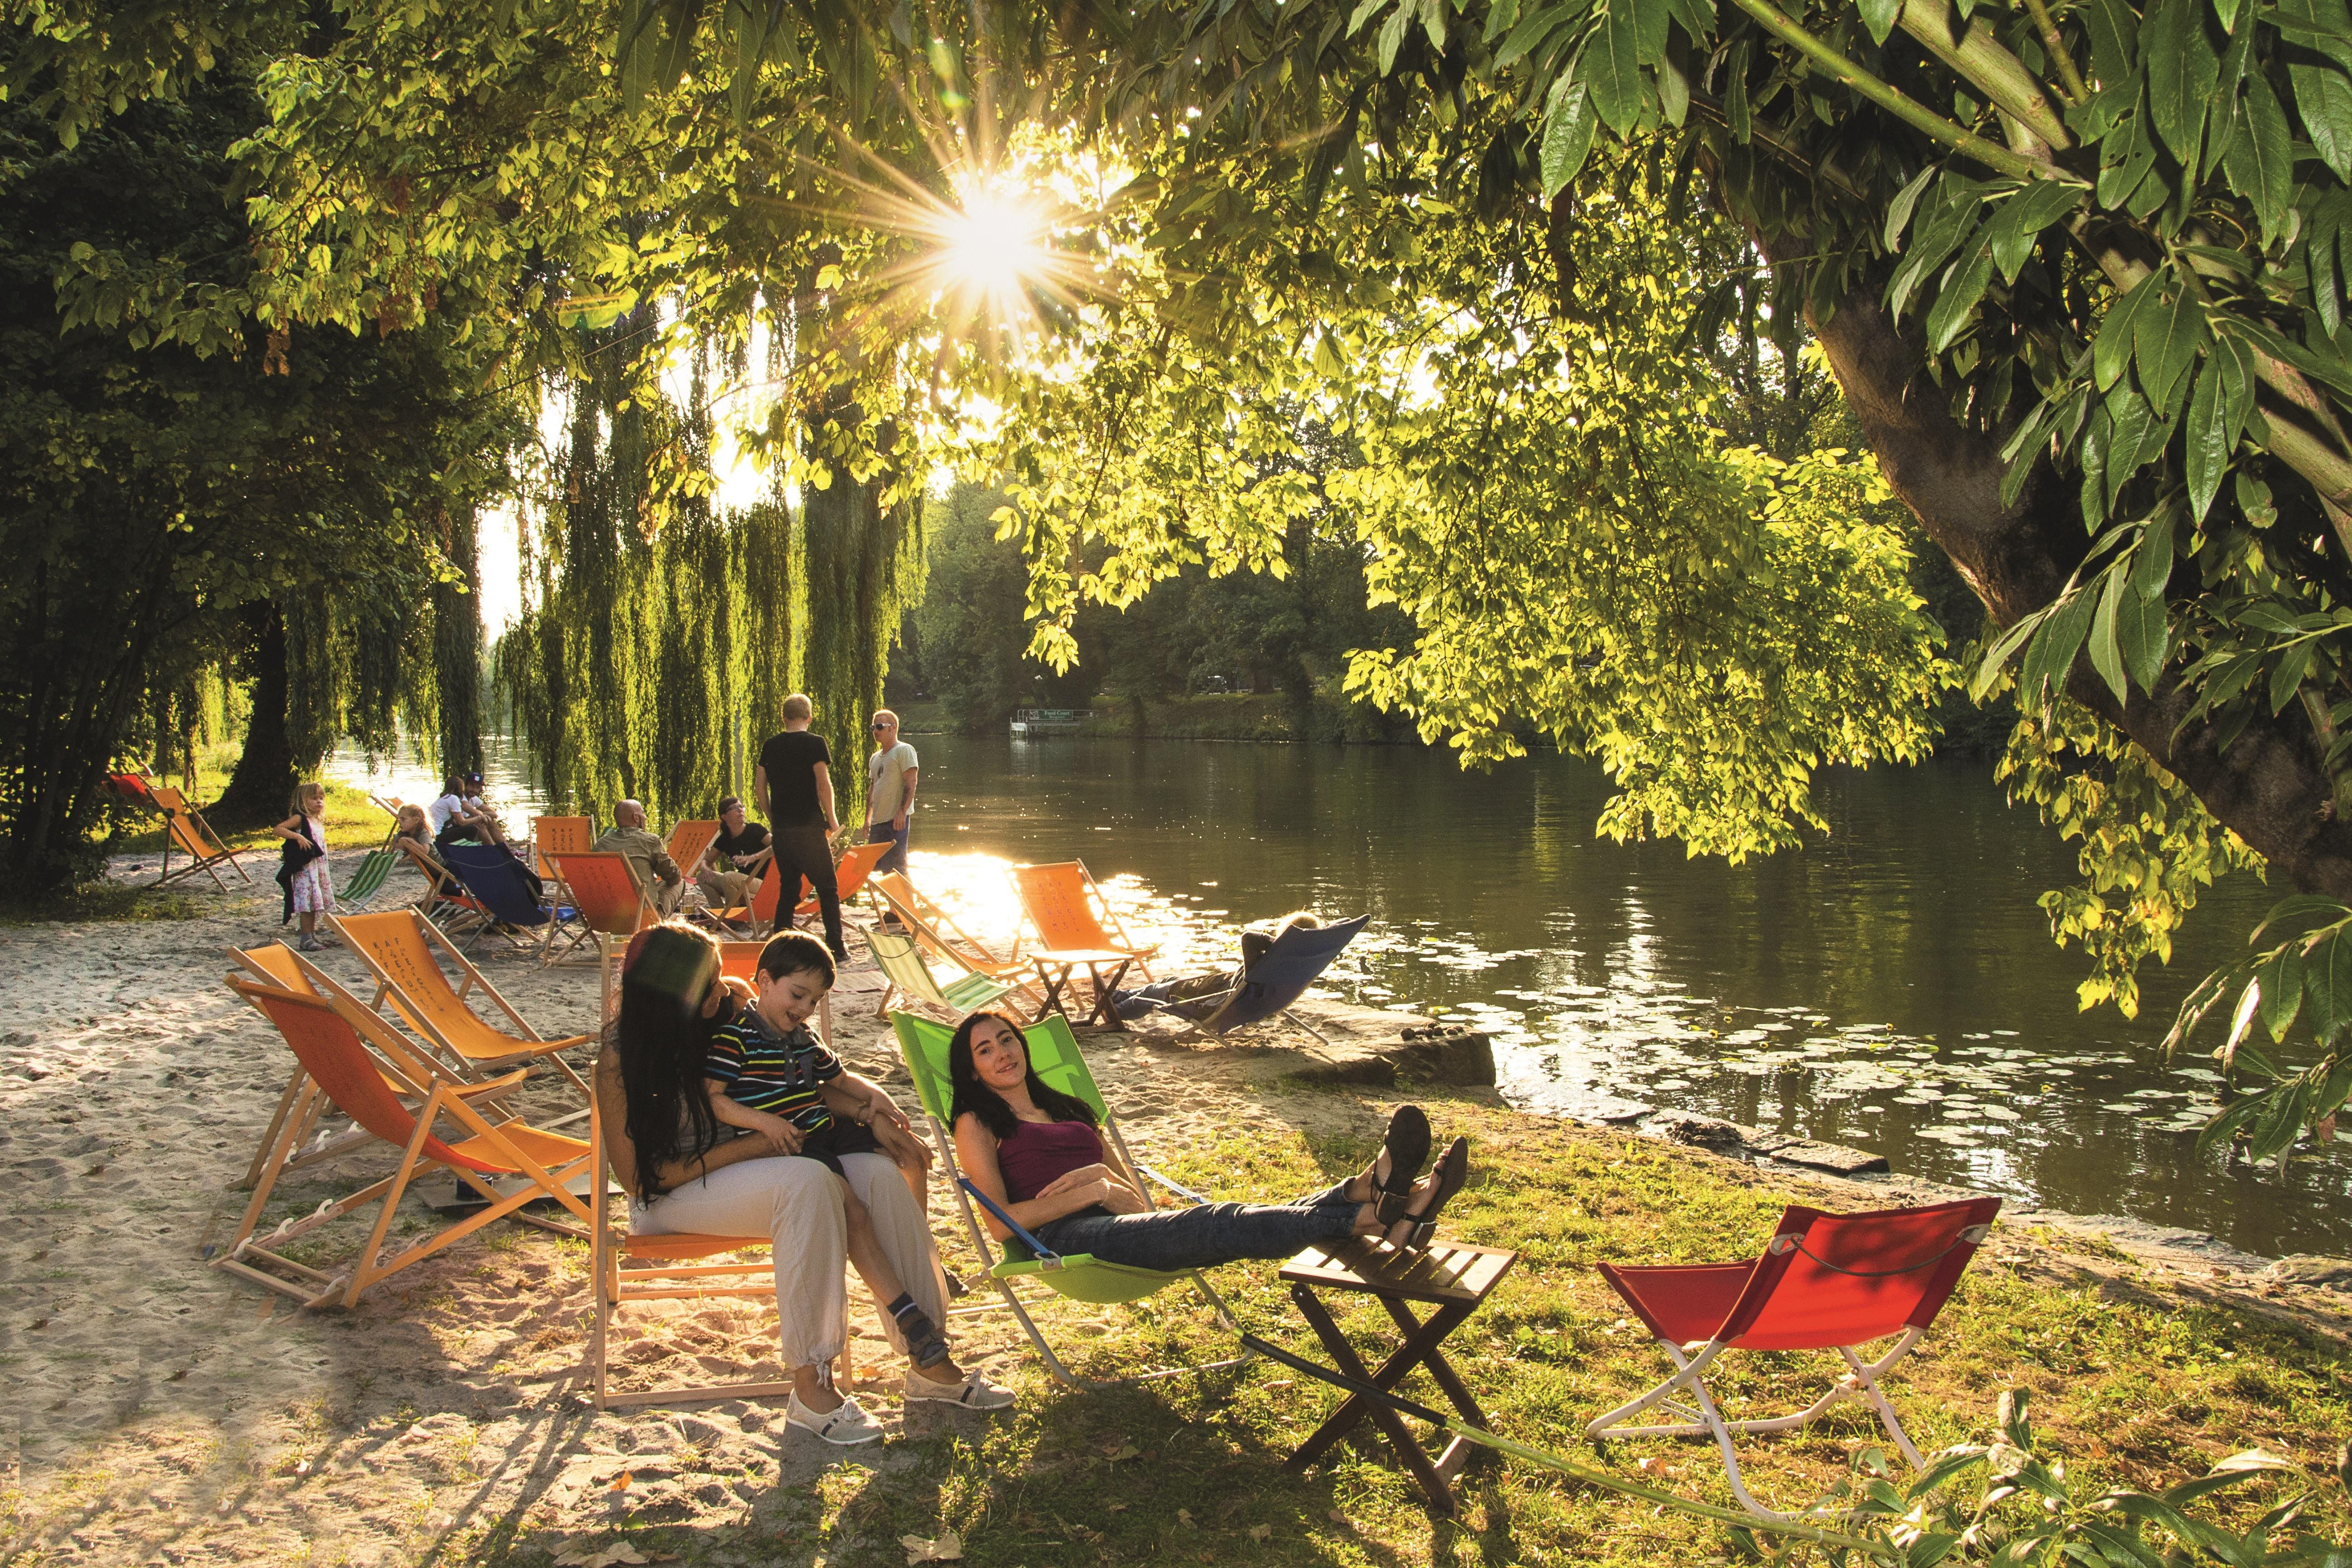 Heilbronn_Neckar_citybeach_(c)HMG_Roland_Schweizer